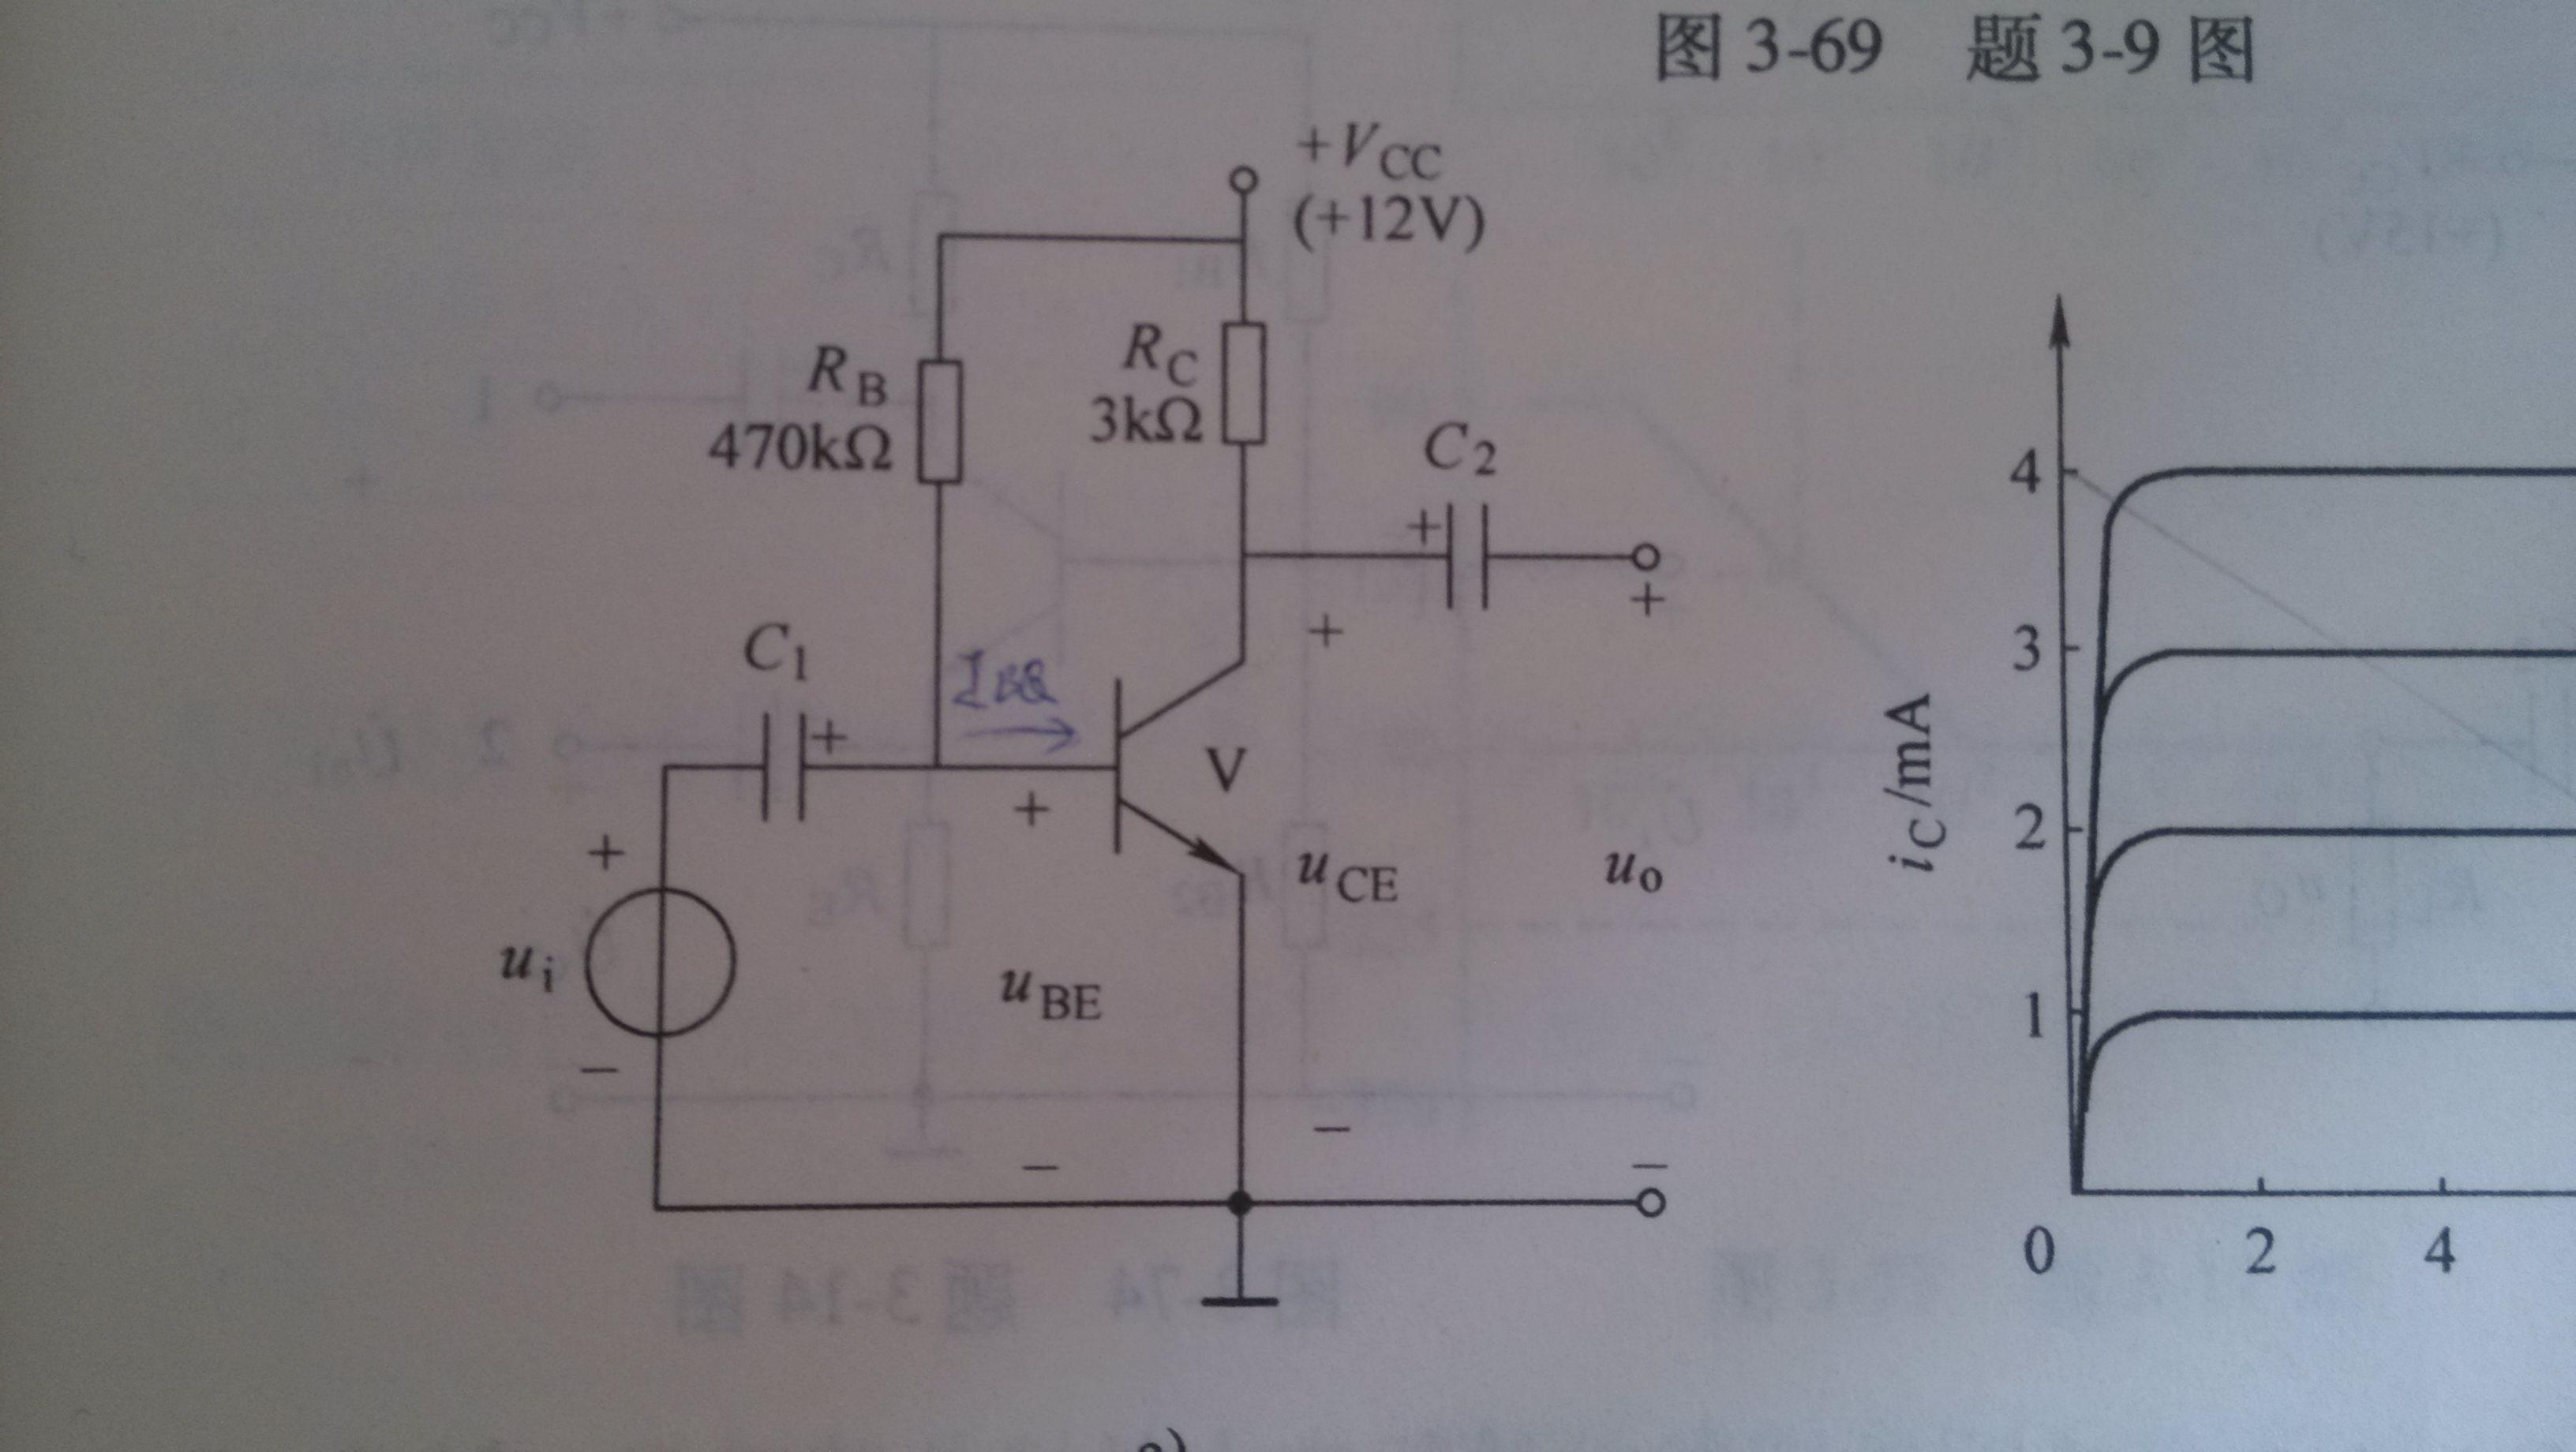 共射极放大电路计算问题